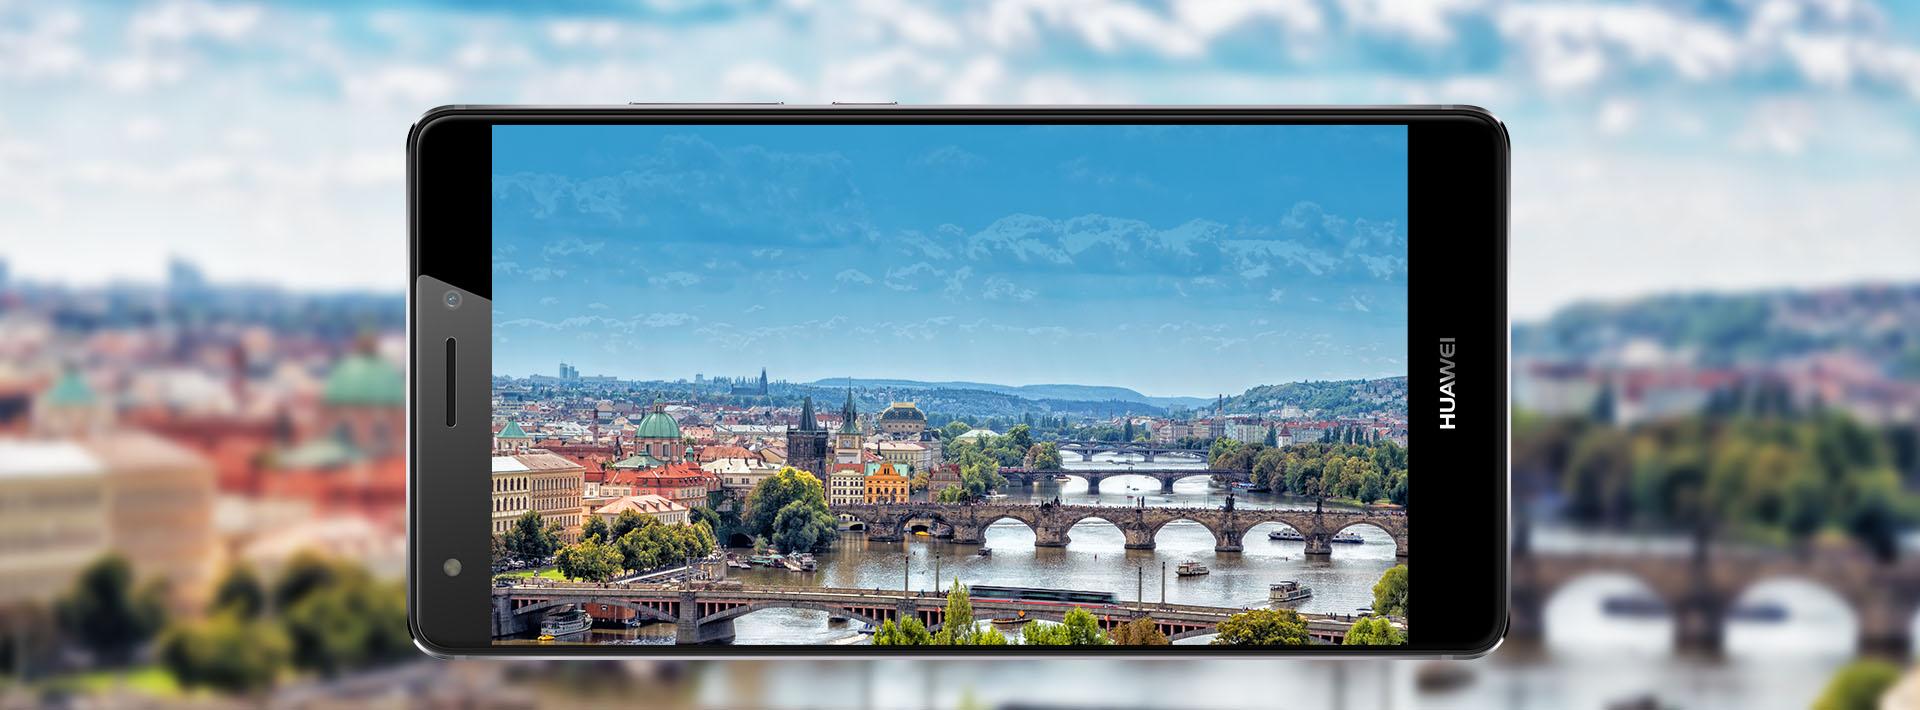 Krásnější displej nehledejte, Huawei Mate S vás naprosto ohromí.